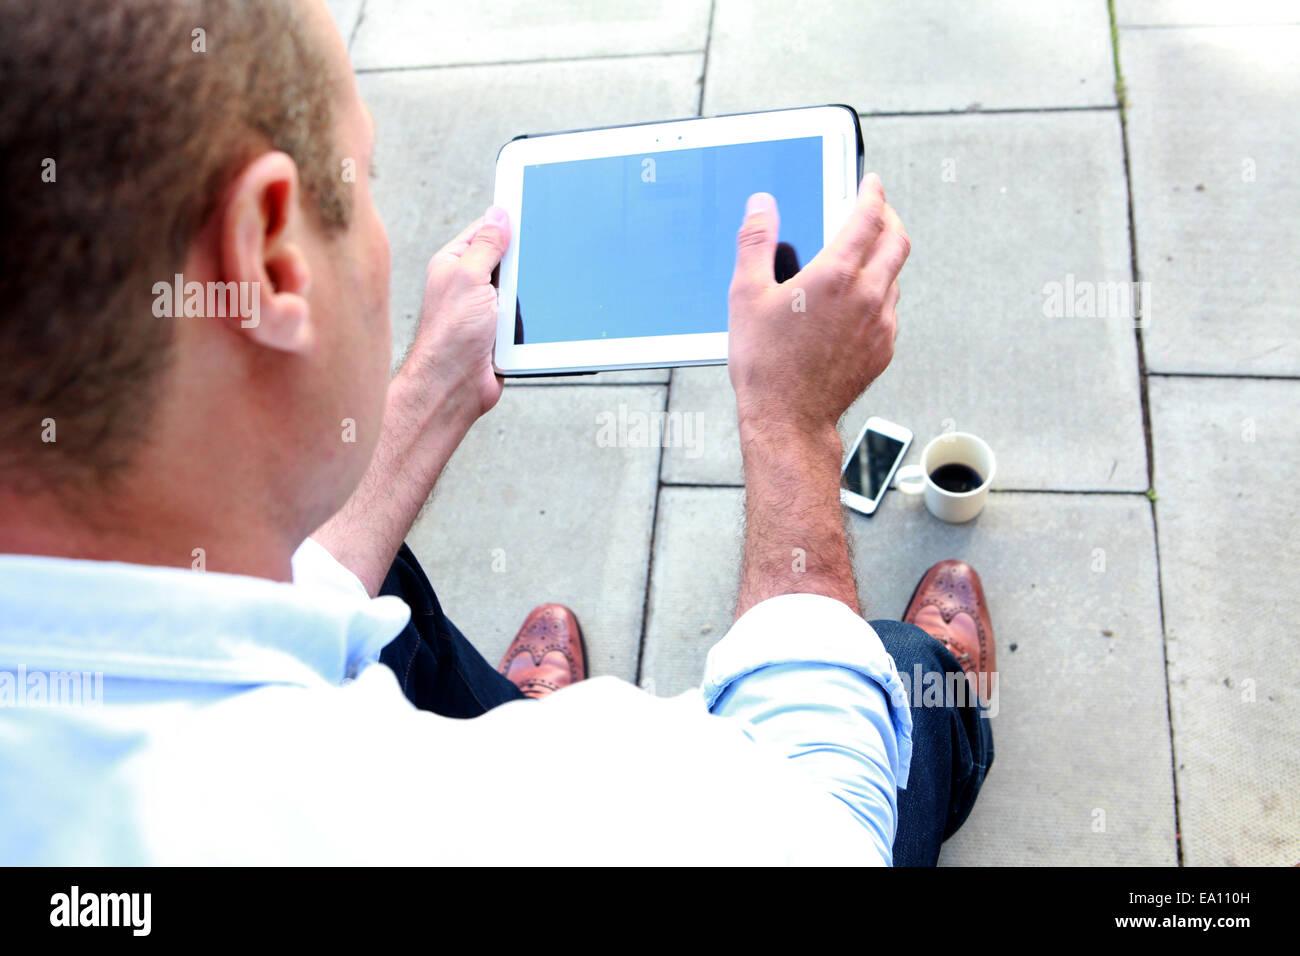 Schulter-Blick über männliche Architekt digital-Tablette auf Büro-Schritt Stockbild